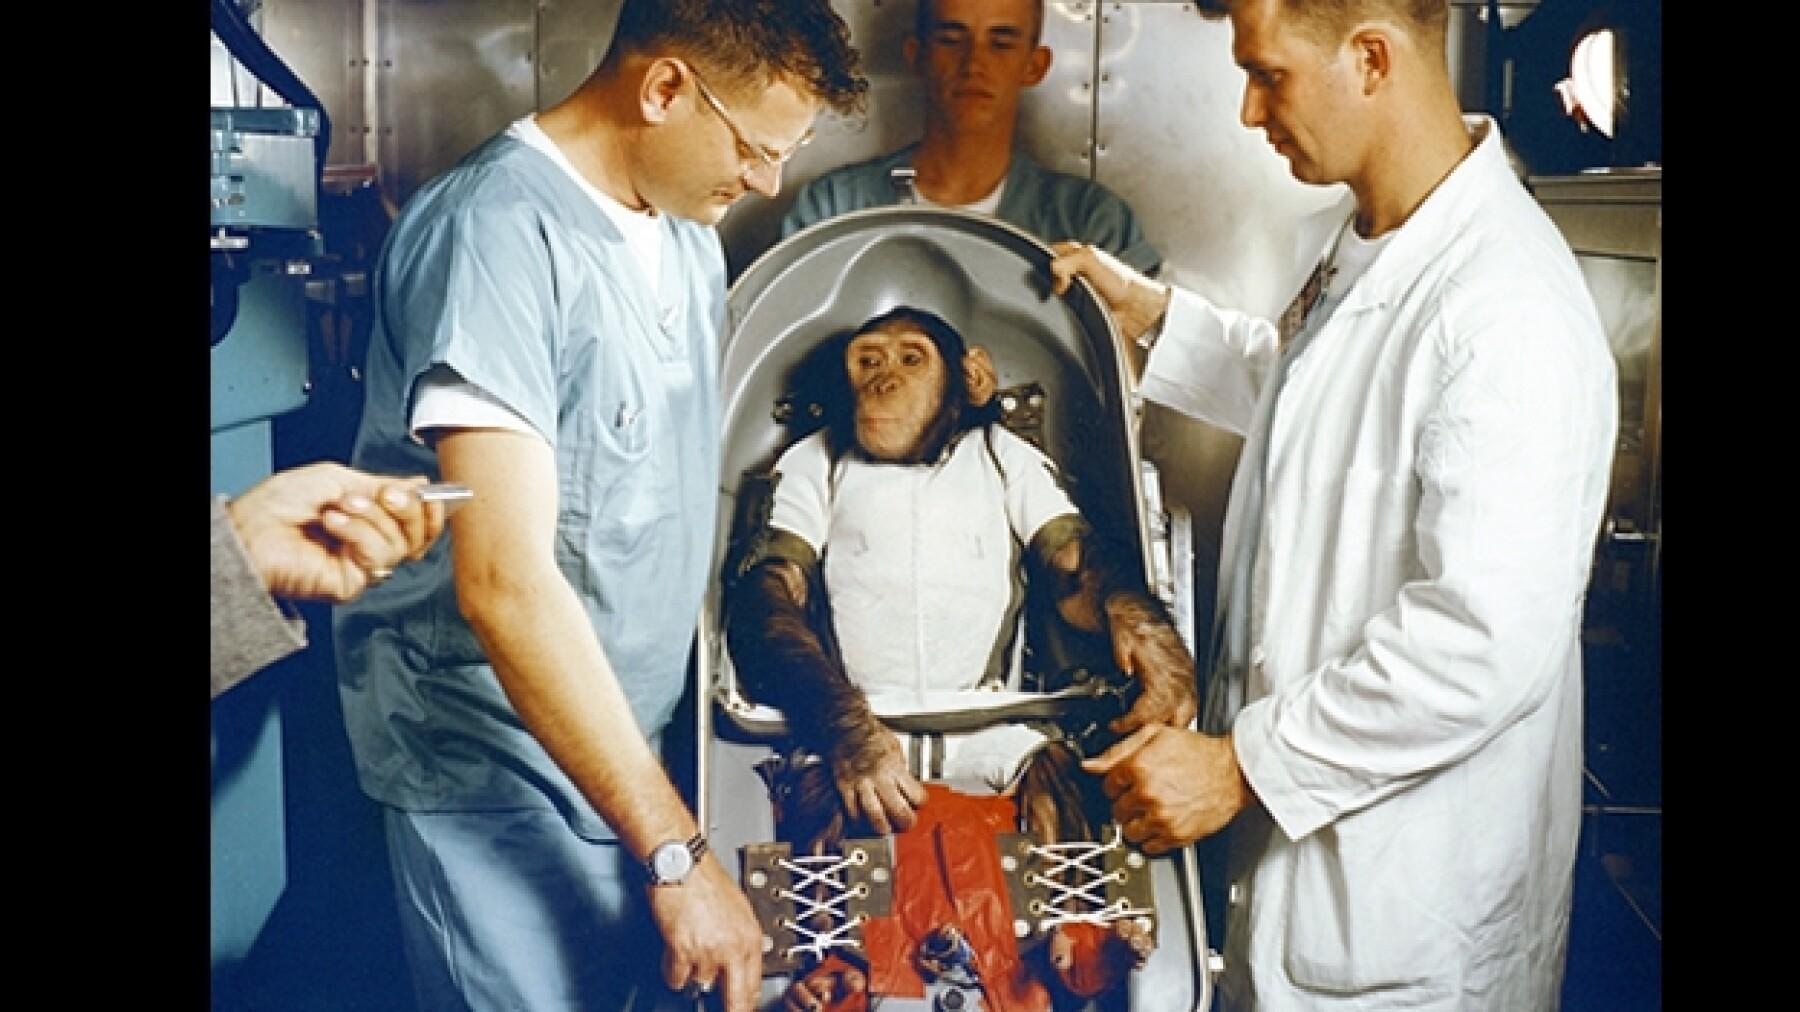 Ham chimpance NASA viajar al espacio